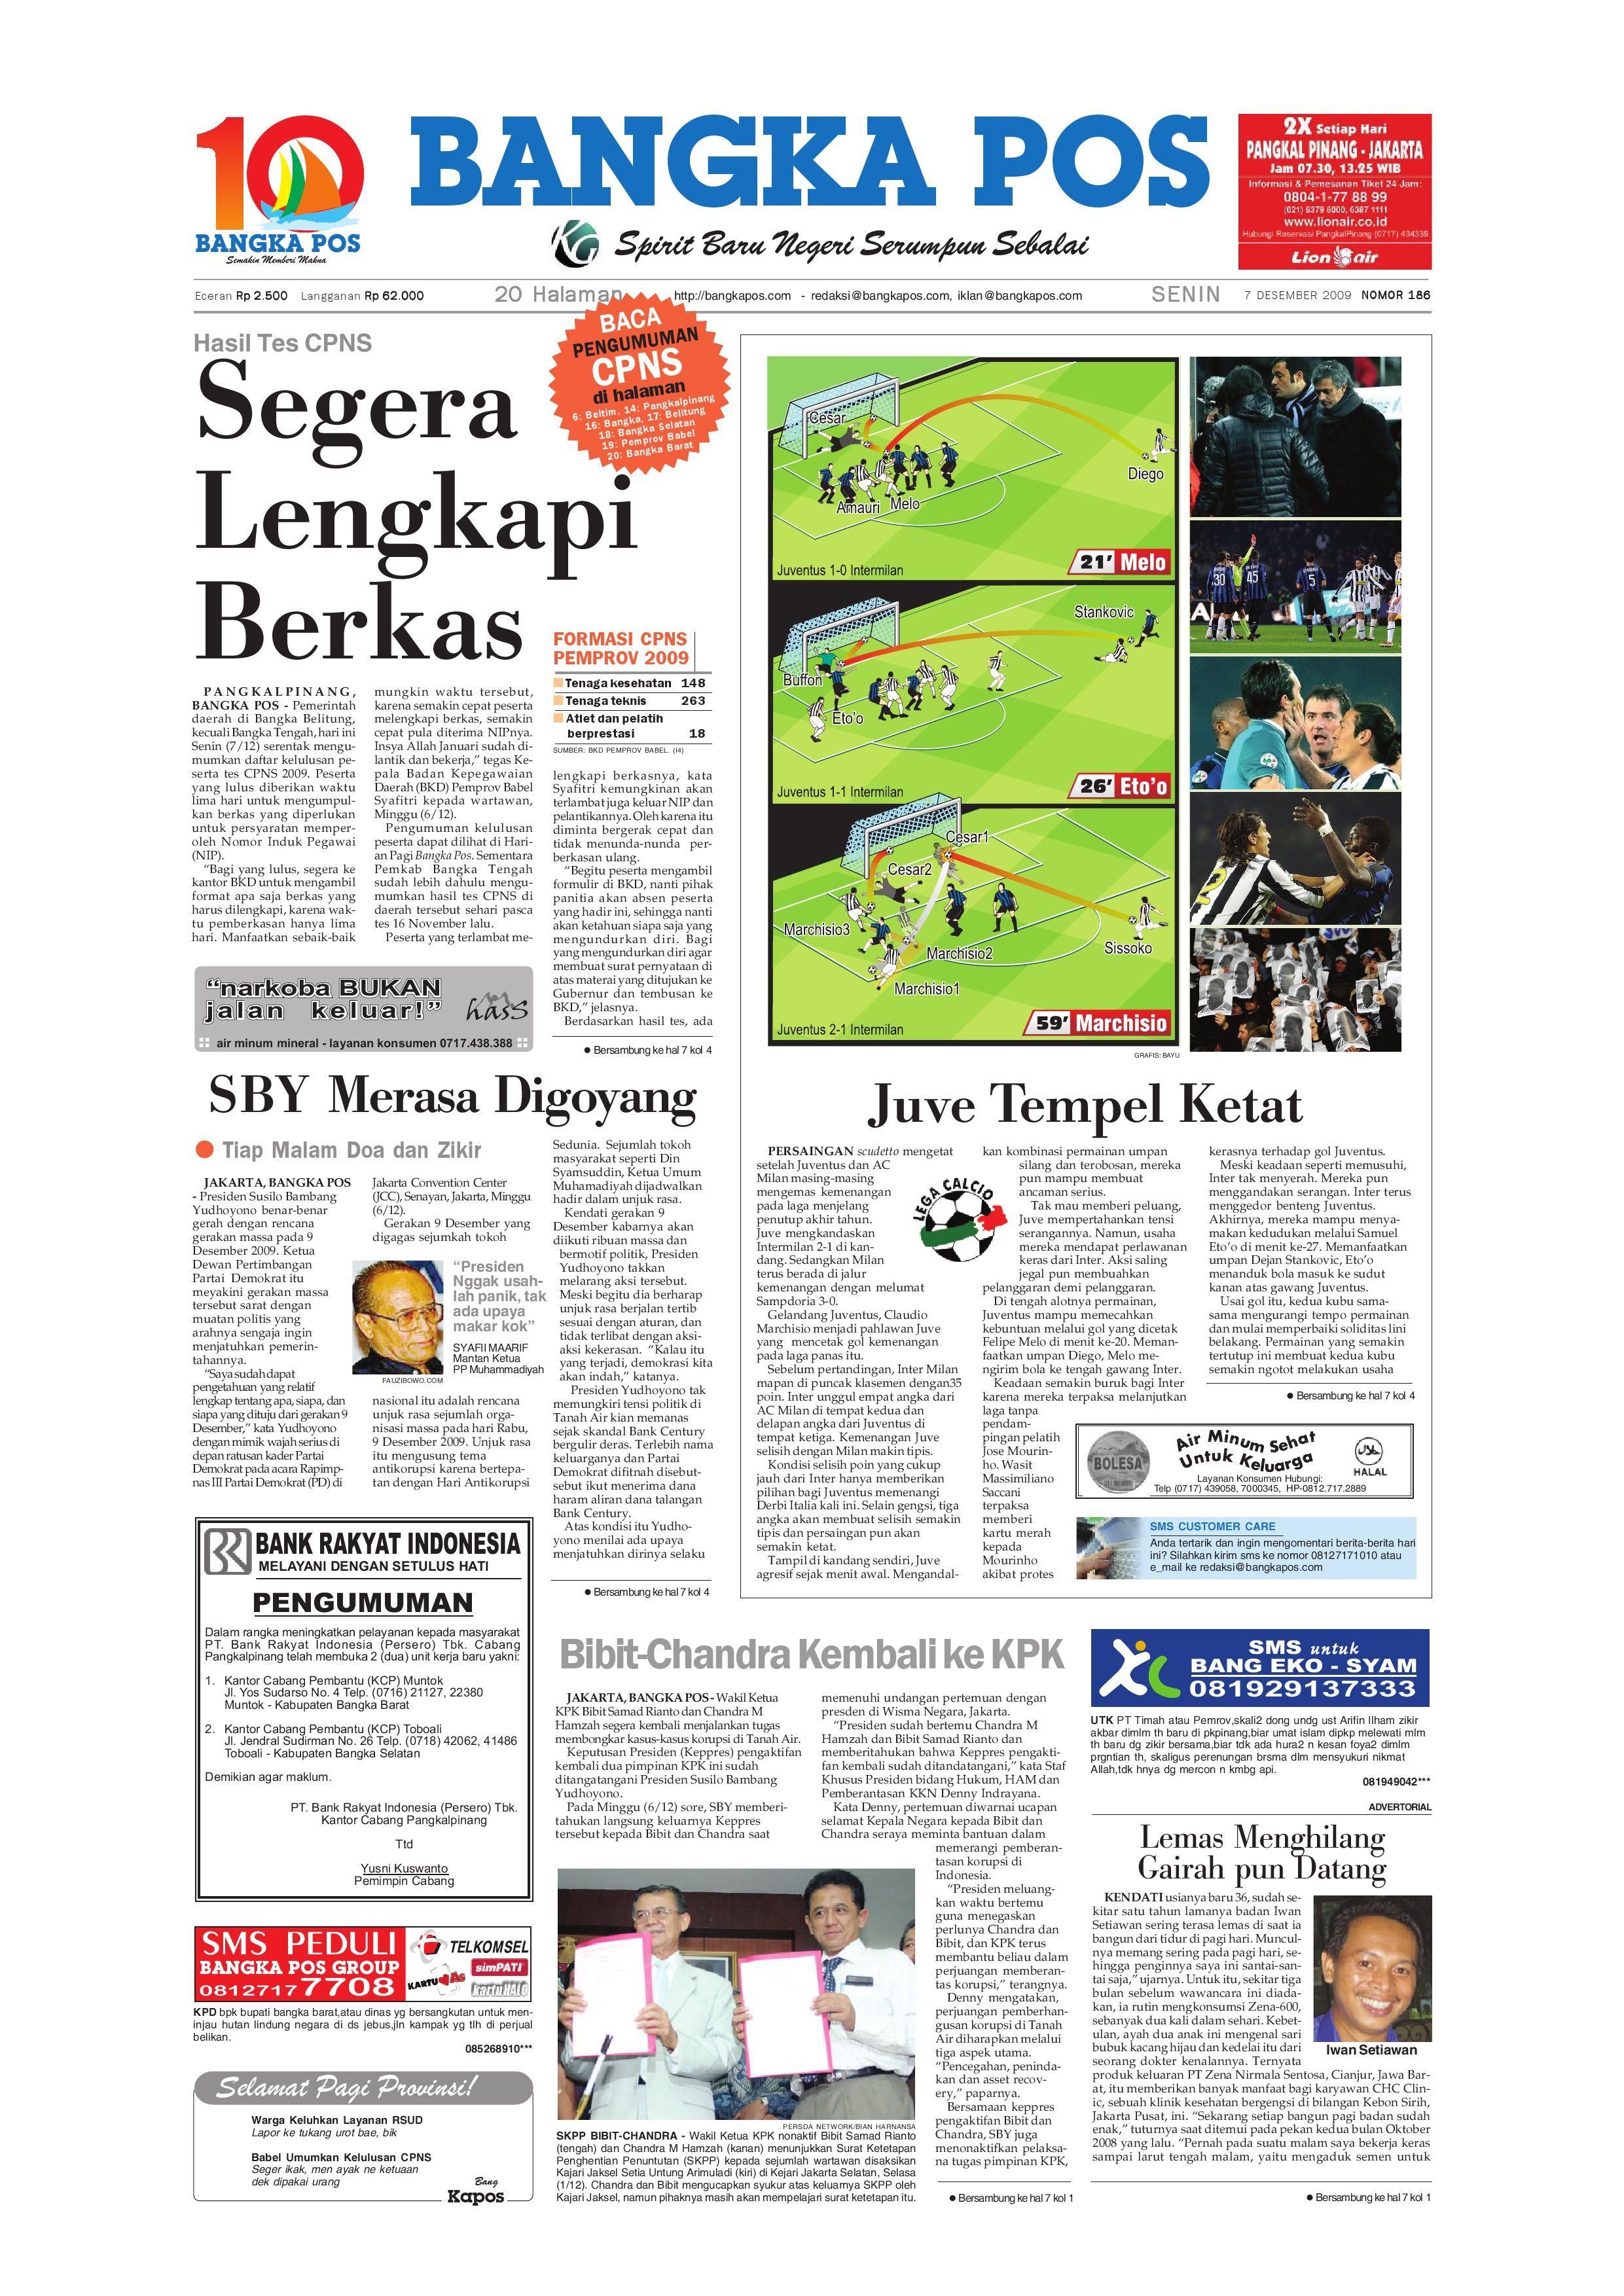 Harian Pagi Bangka Pos Edisi 07 Desember 2009 by bangka pos - issuu 848a3af075